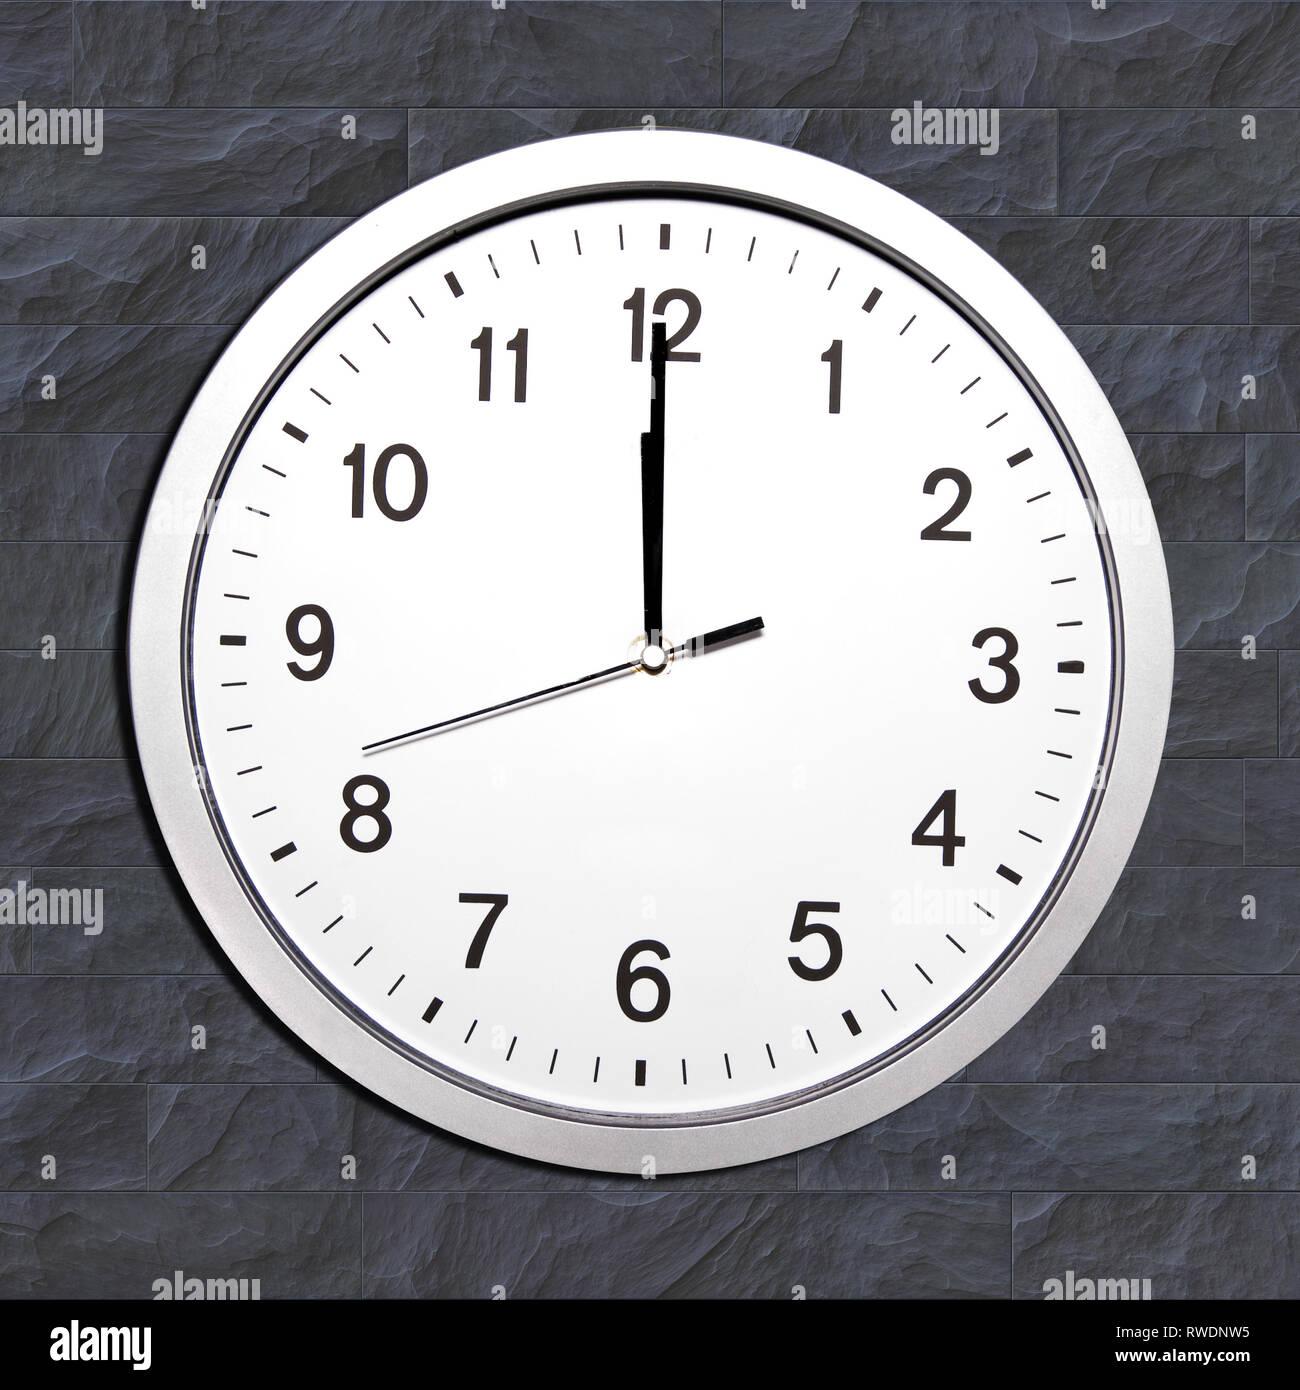 wall clock set at noon or twelve o'clock - Stock Image